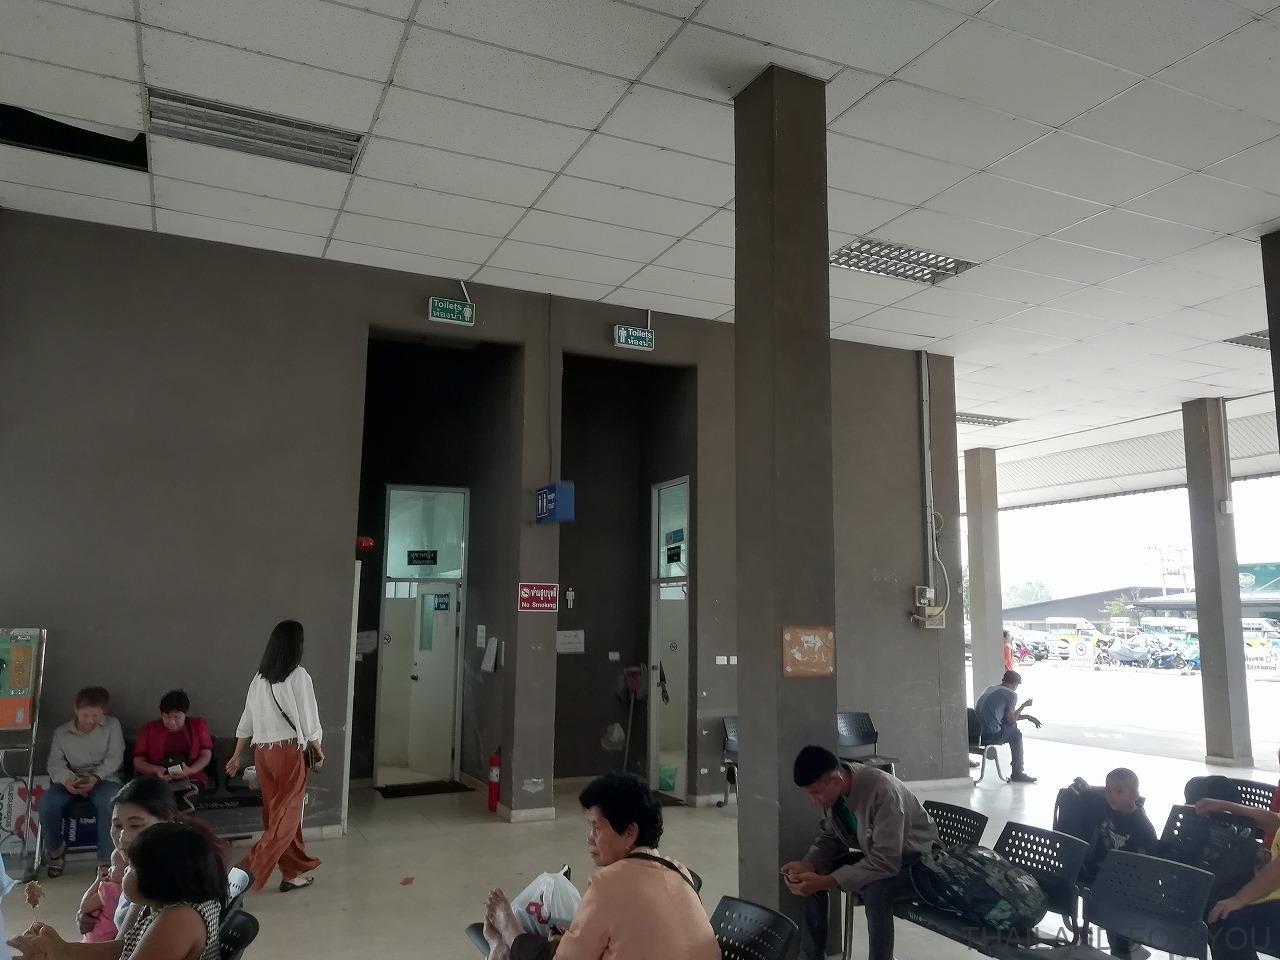 コンケン バスターミナル3